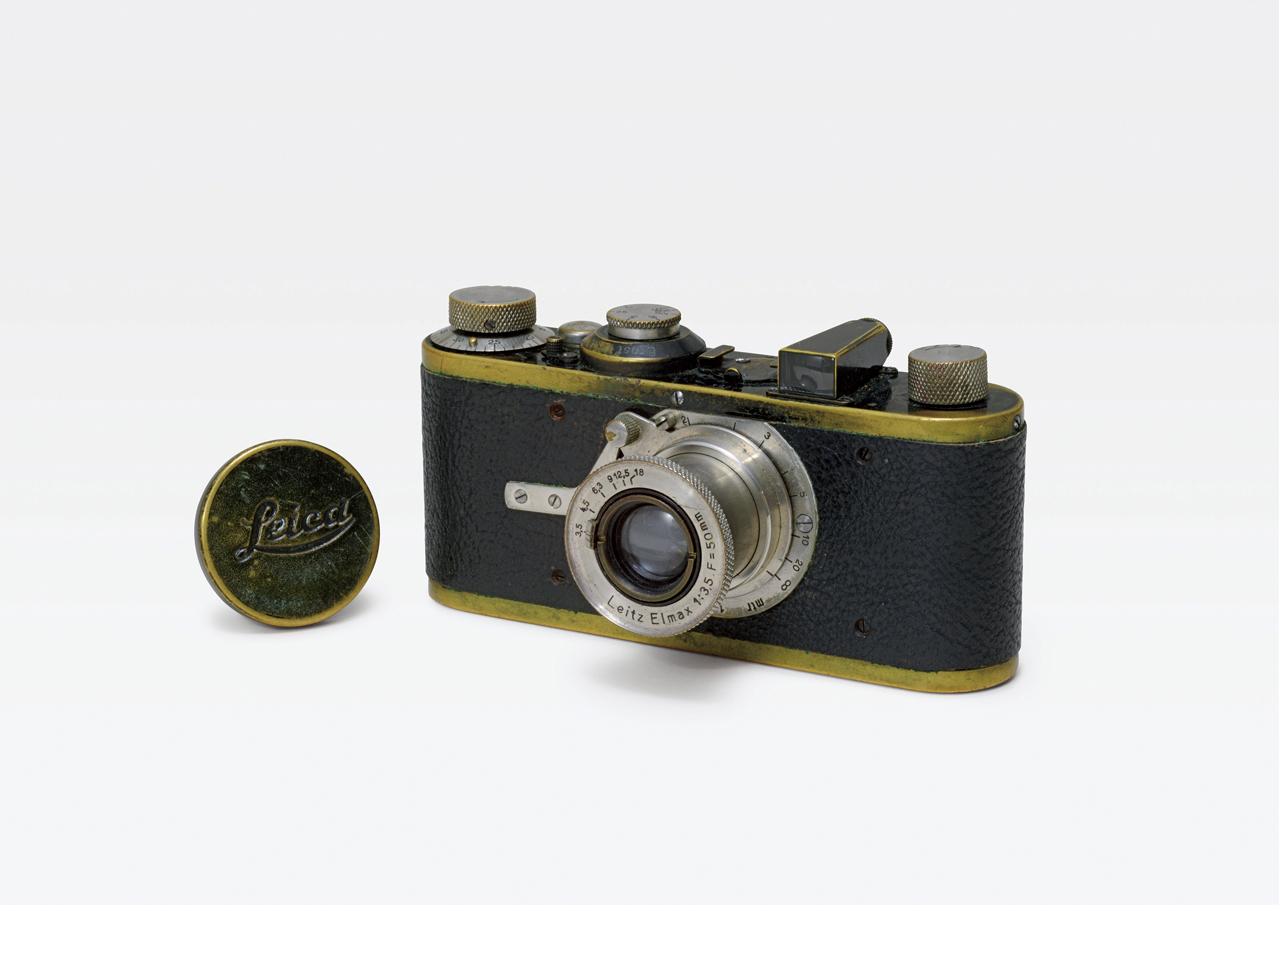 Lot.772 Leica Ⅰ(A) H6.6×W13.3×D4.2cm レンズ:エルマックス 50mm F3.5 シリアルナンバー284 落札予想価格¥2,000,000.~¥3,000,000.